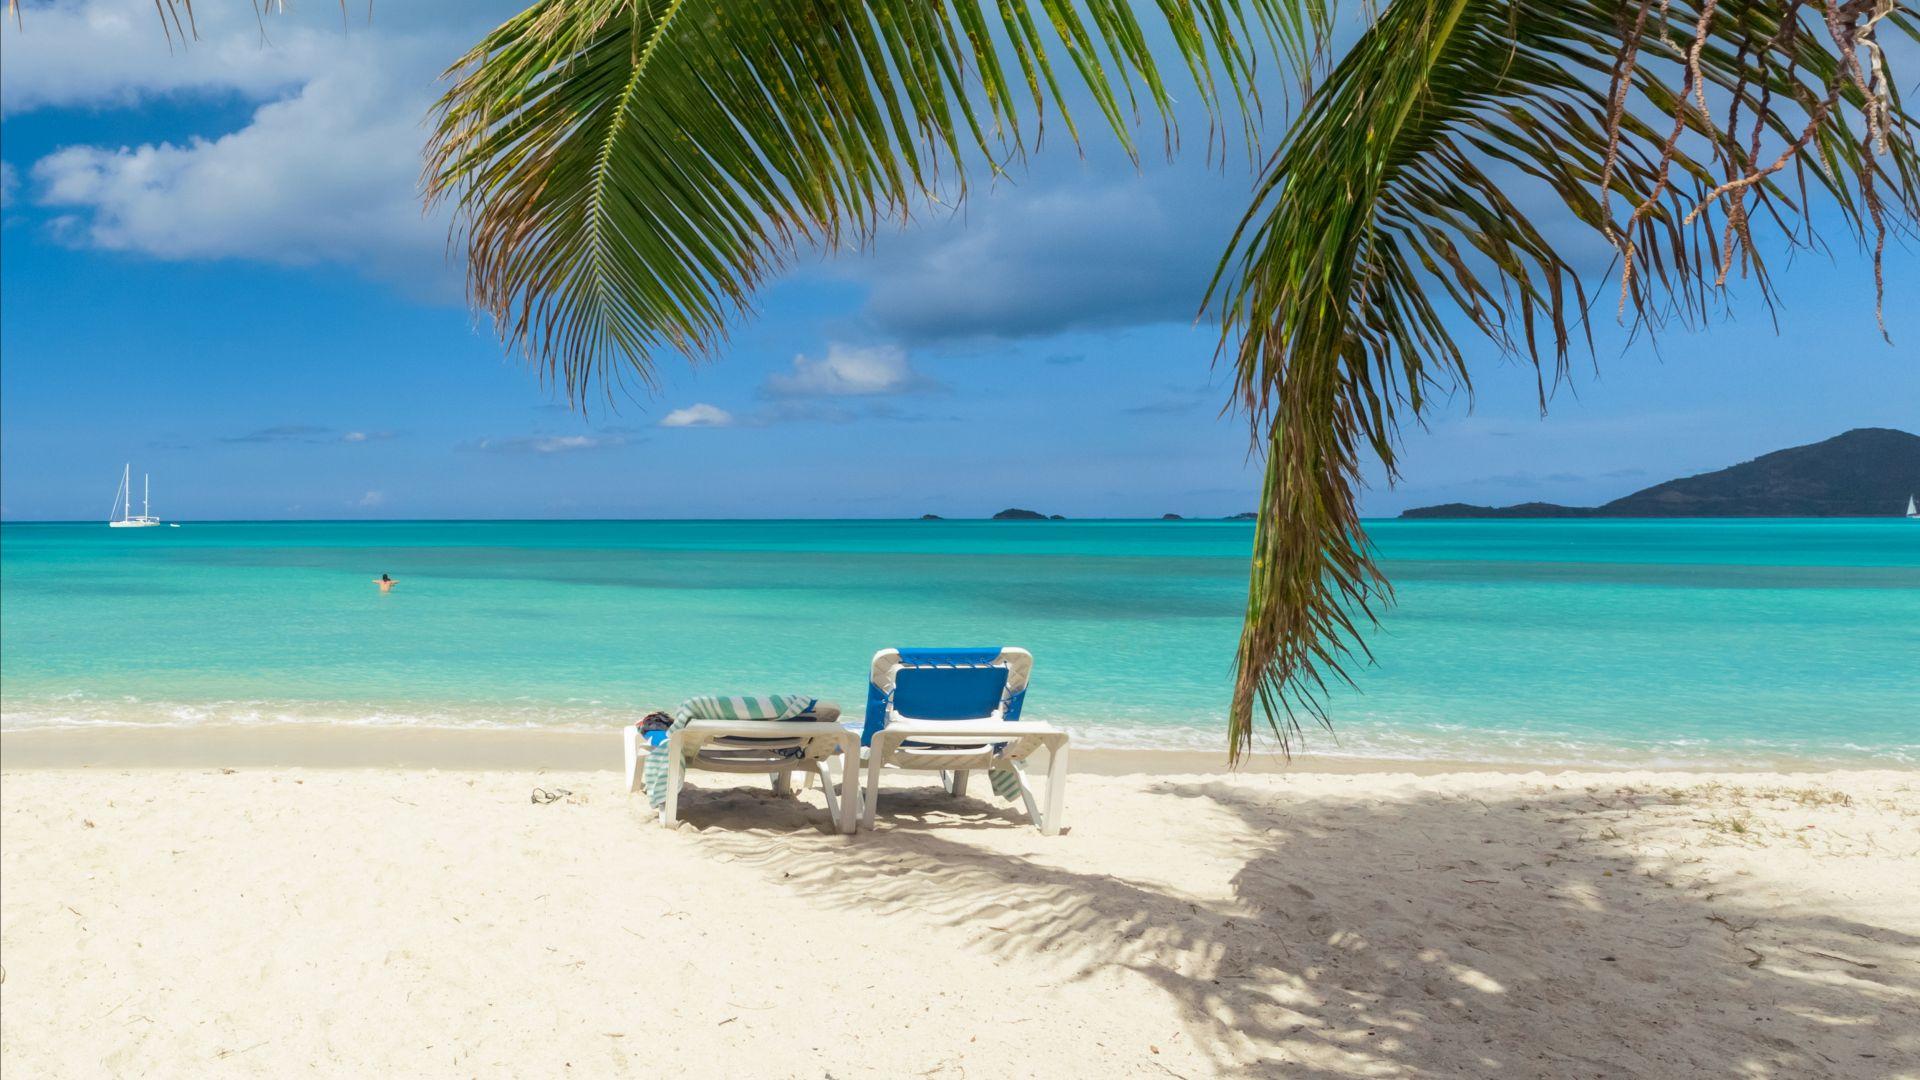 Wallpaper Thailand, Beach, Sea, Shore, Sand, Palms, Travel